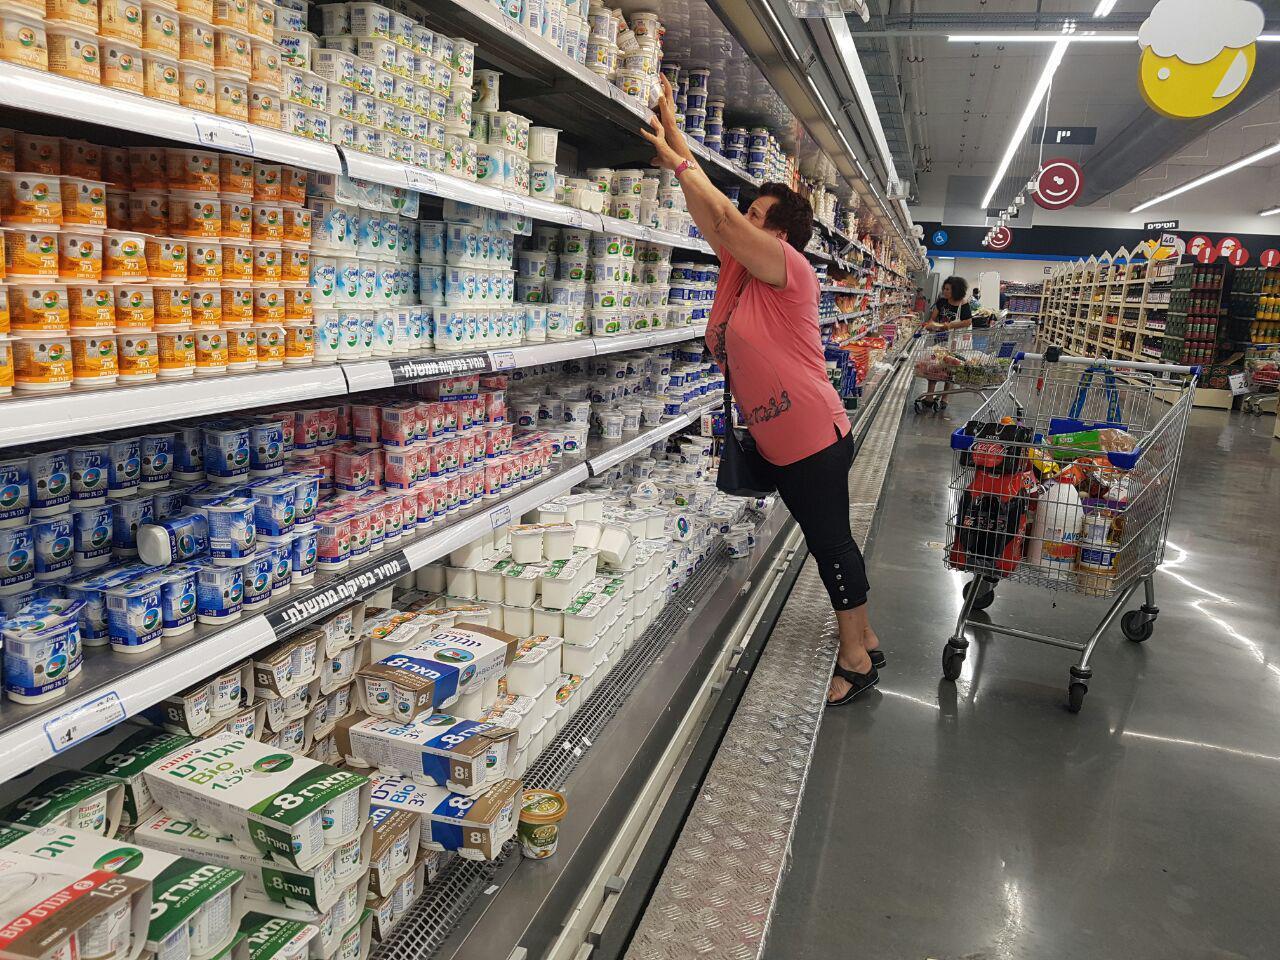 מוצרי חלב של יולו (צילום: מירב קריסטל)